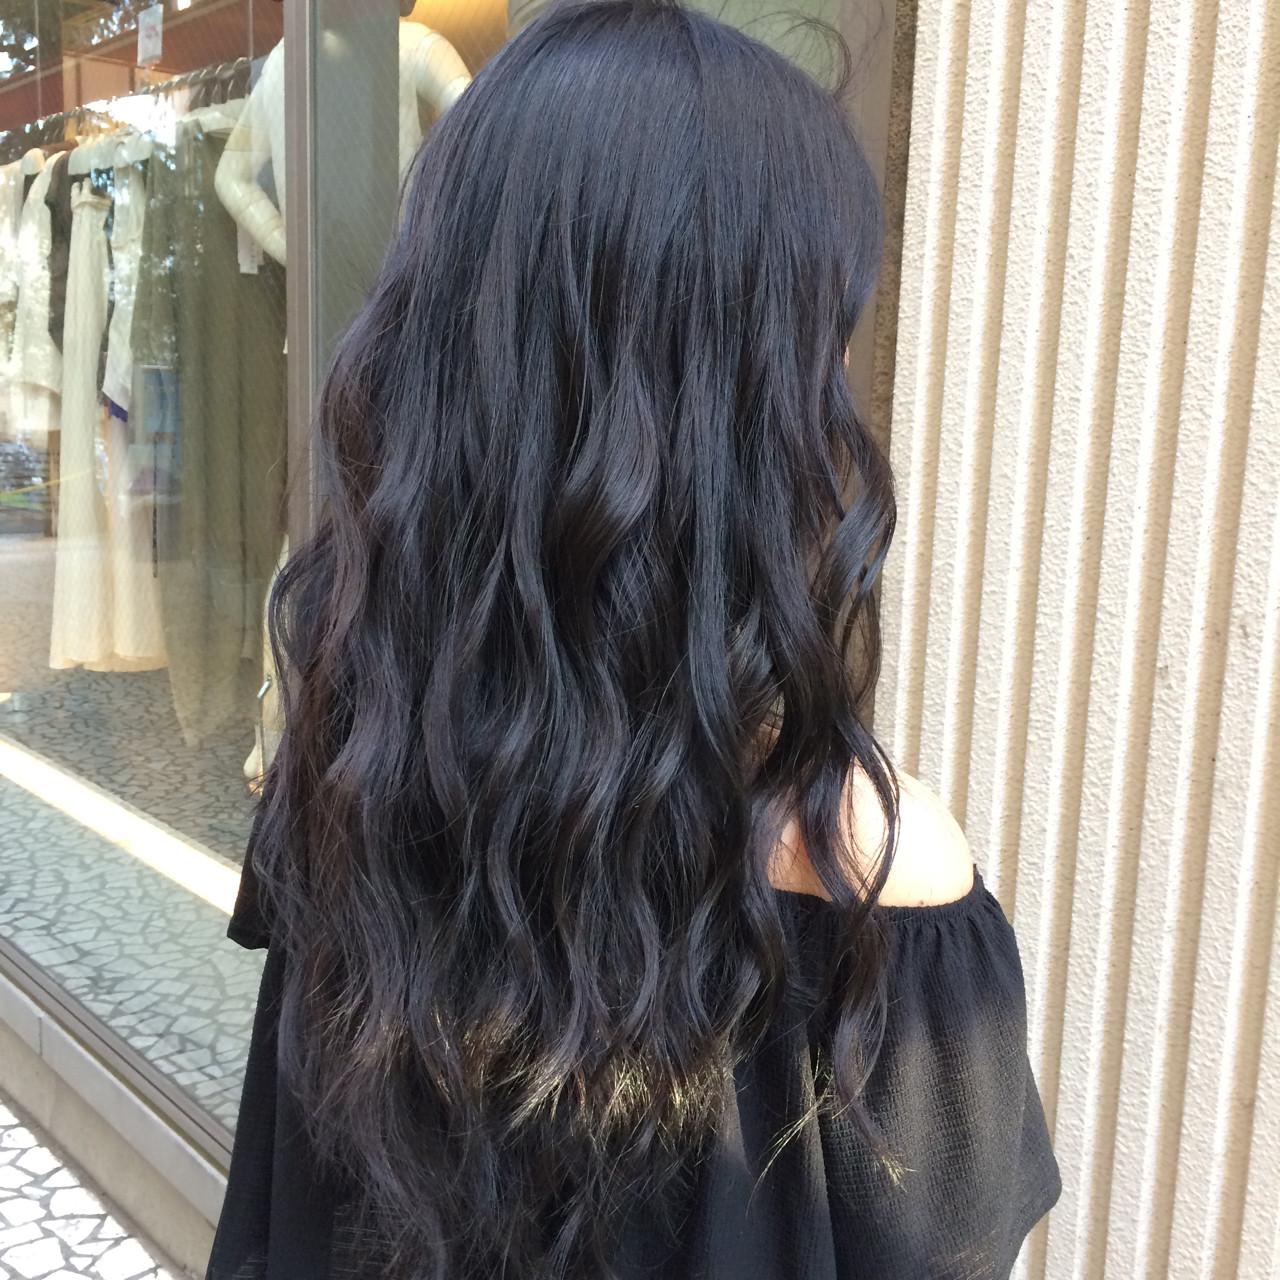 大人かわいい 暗髪 ロング ハイライト ヘアスタイルや髪型の写真・画像 | 青野拓美 / ISM 南青山店